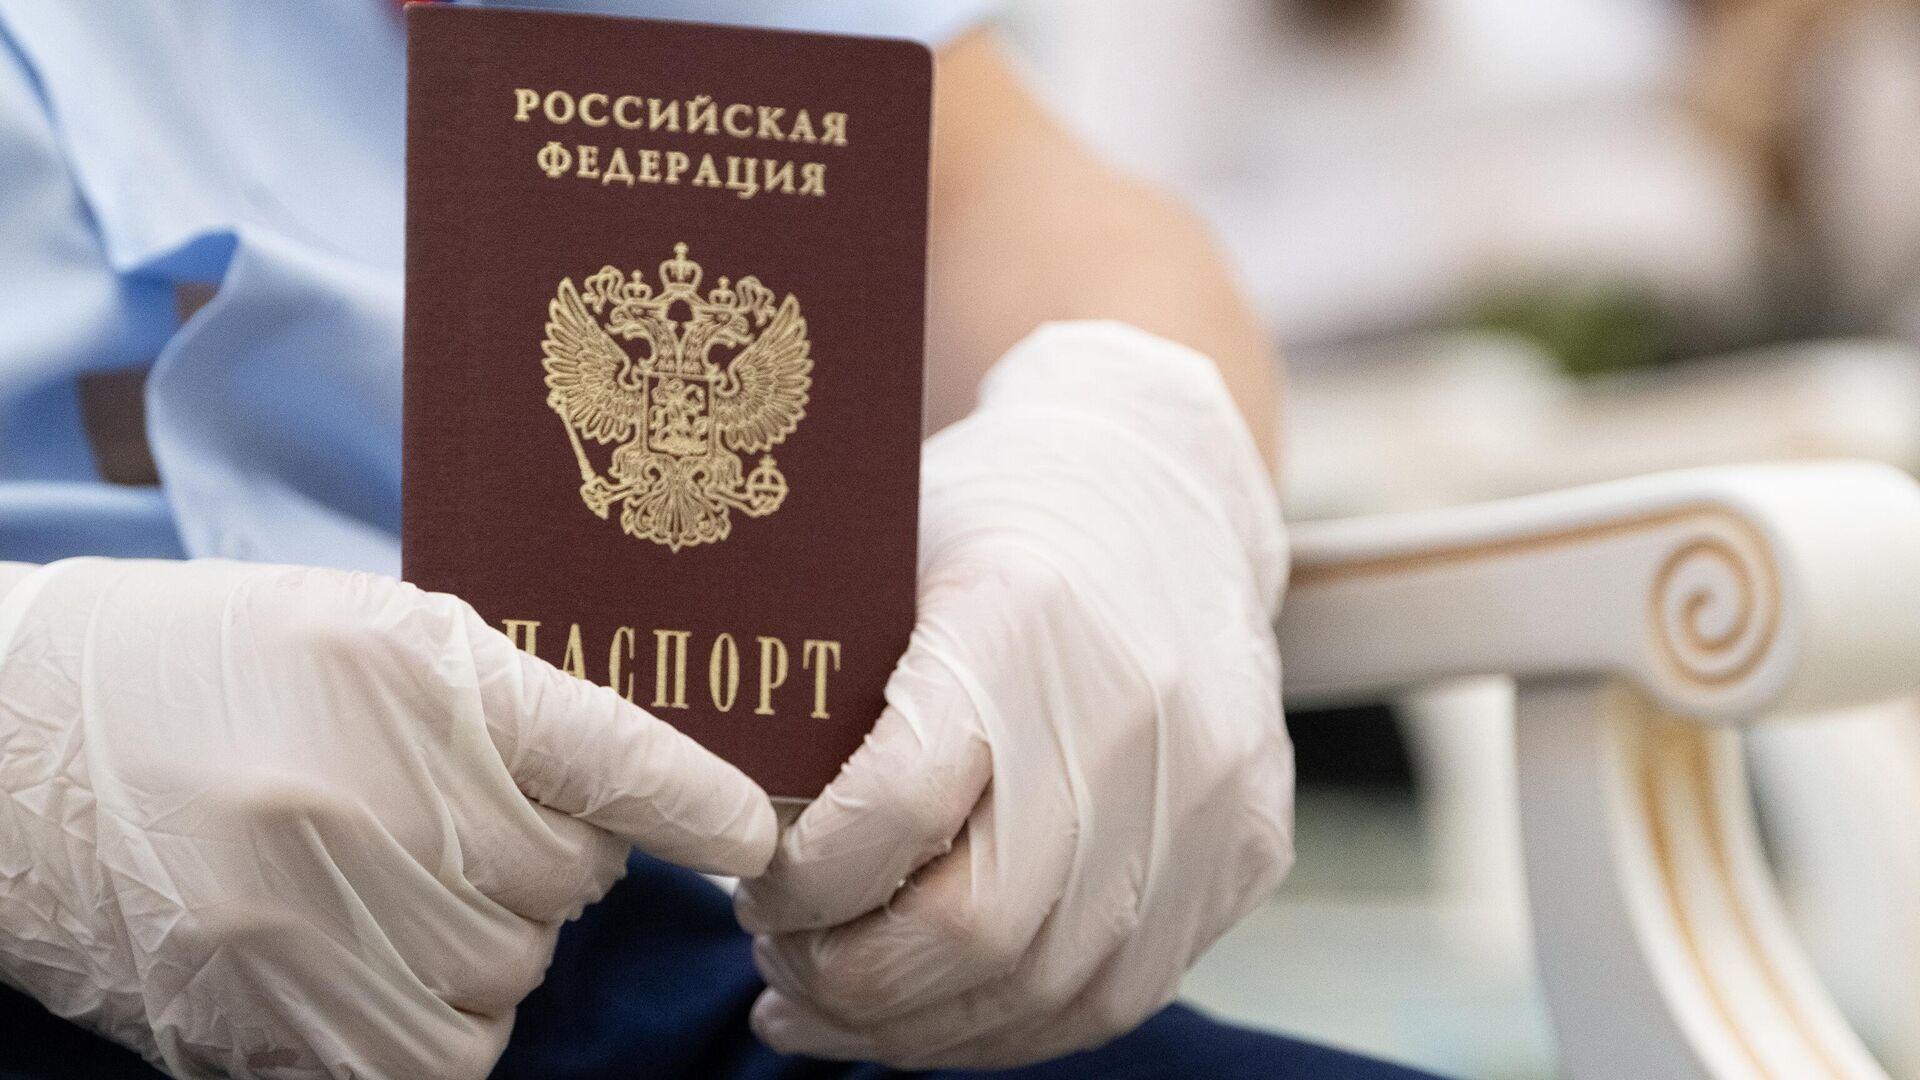 Паспорт РФ - РИА Новости, 1920, 04.08.2021